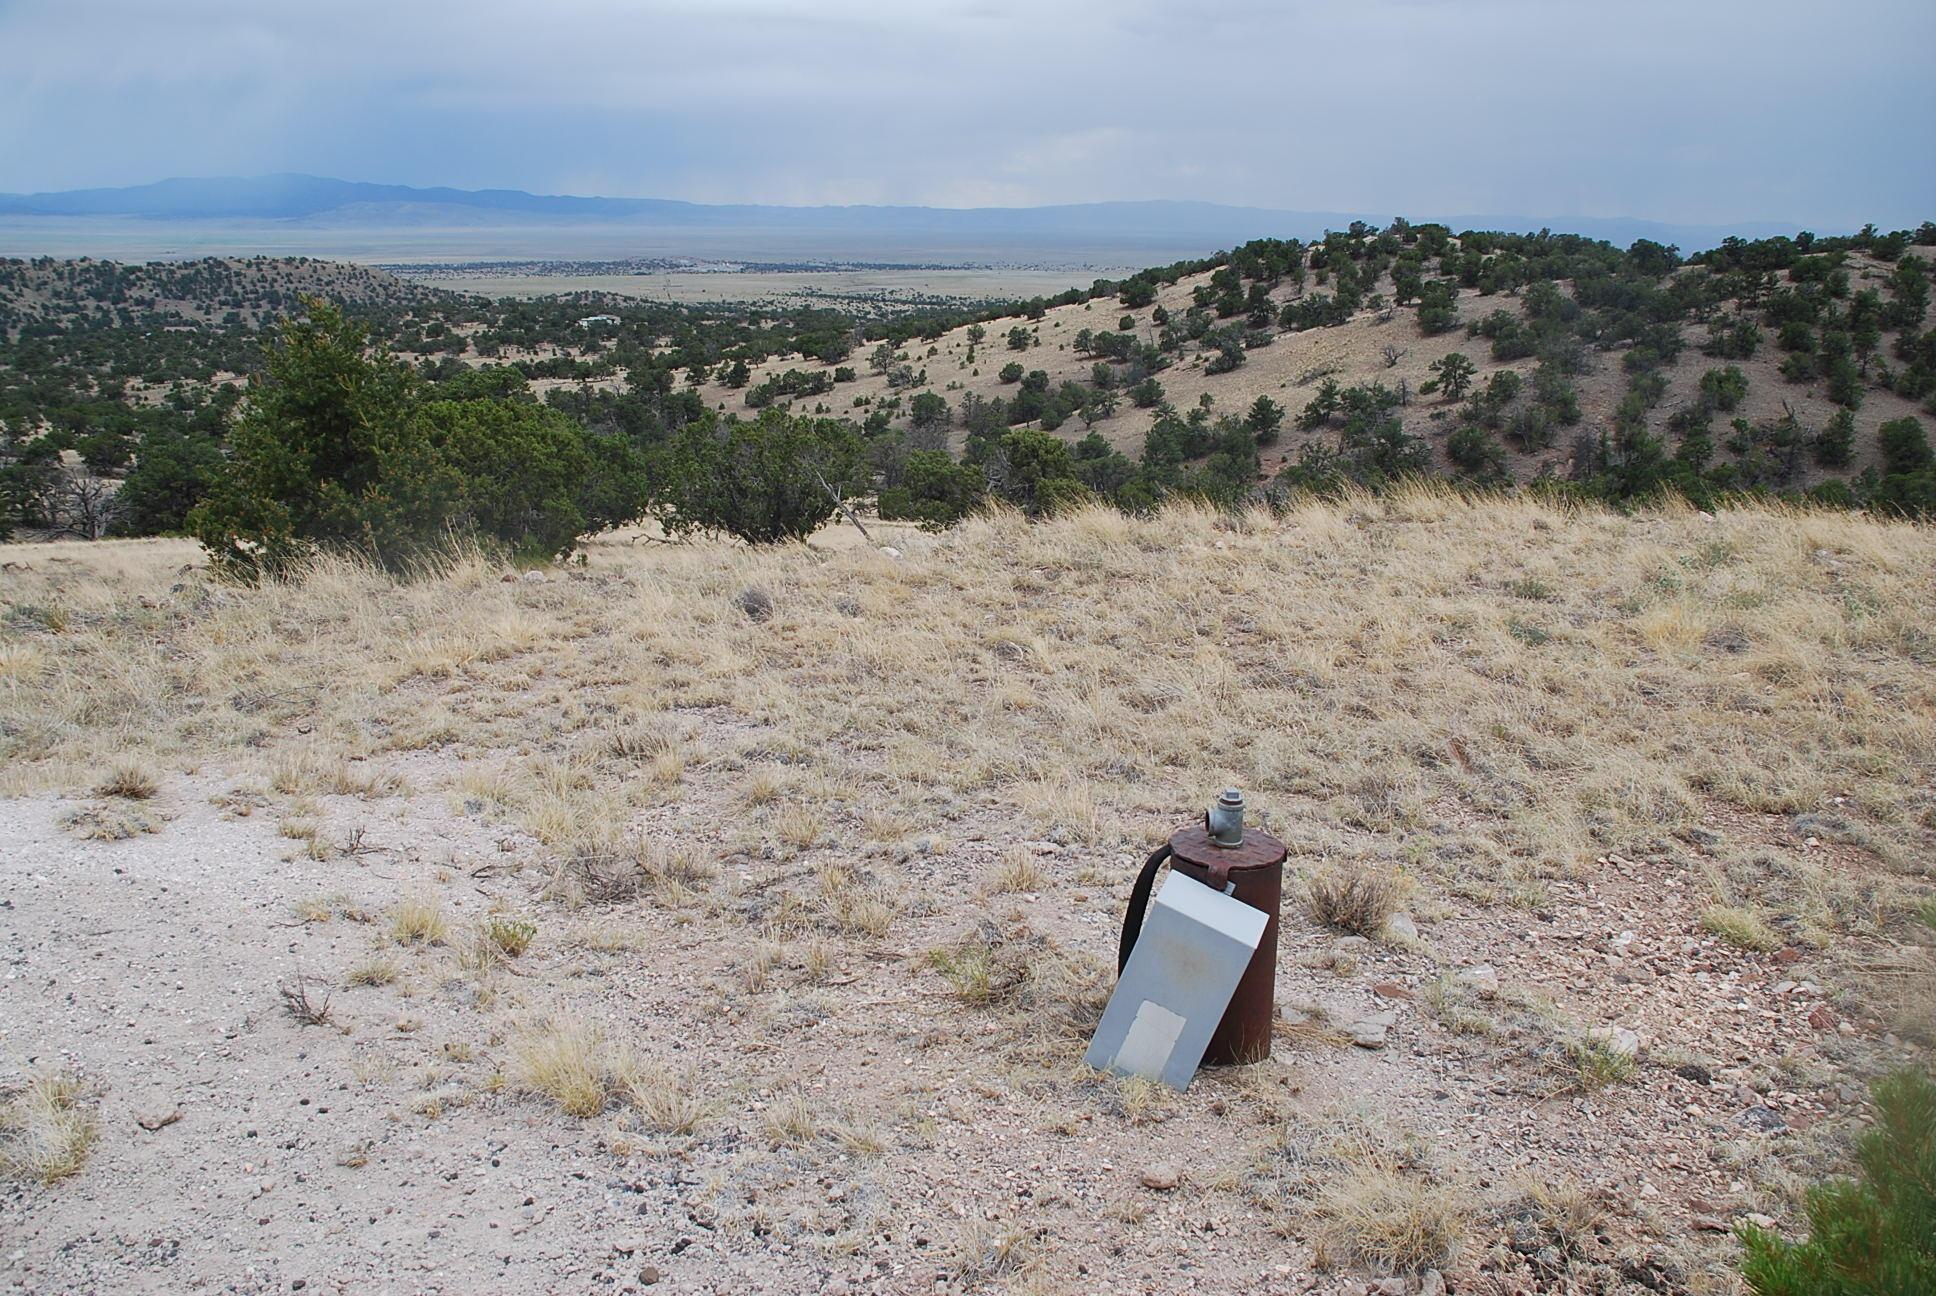 Lot 49 Wildwood Highlands Property Photo - Datil, NM real estate listing